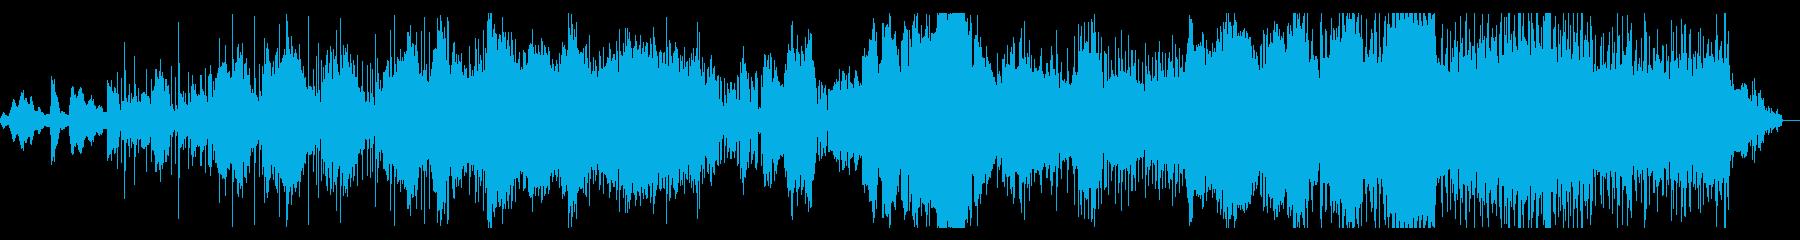 アトモスフィアとグリッジのシネマIDMの再生済みの波形